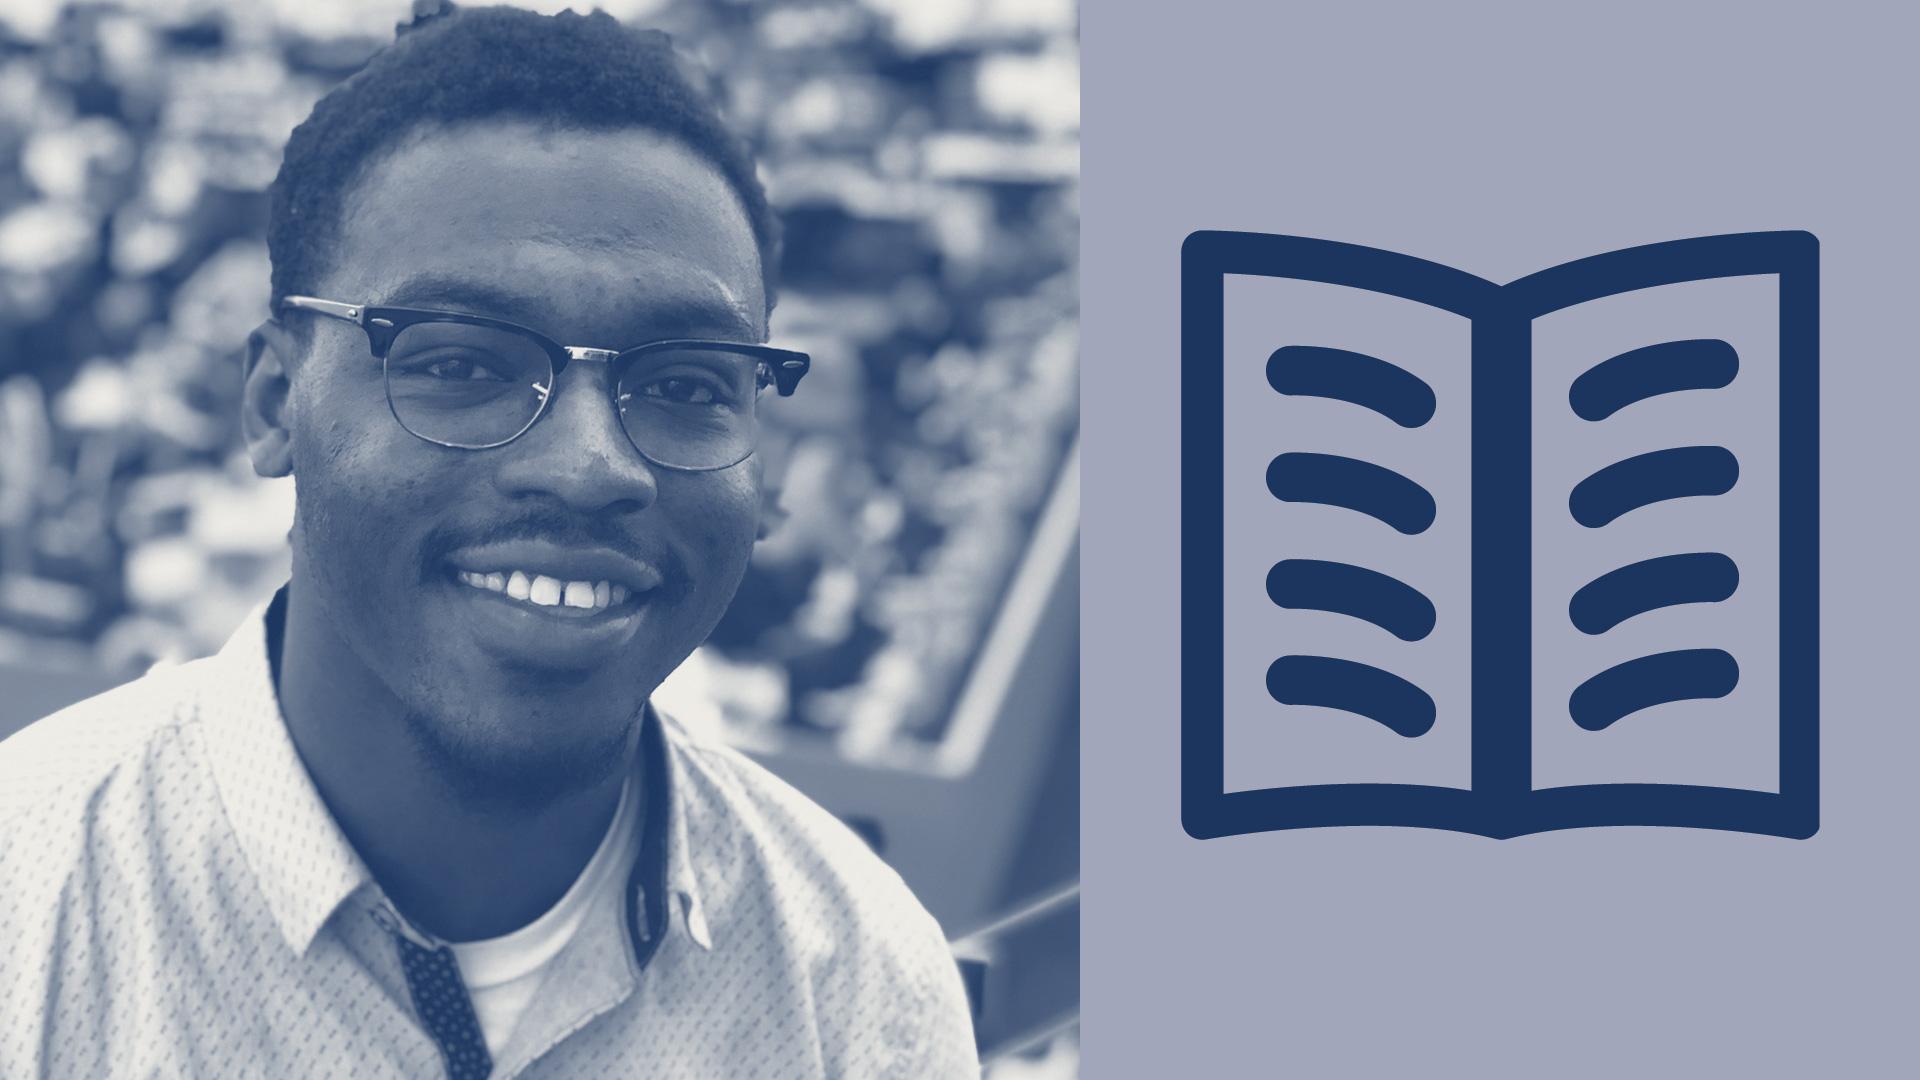 Meet trader Oluseun Arowolaju